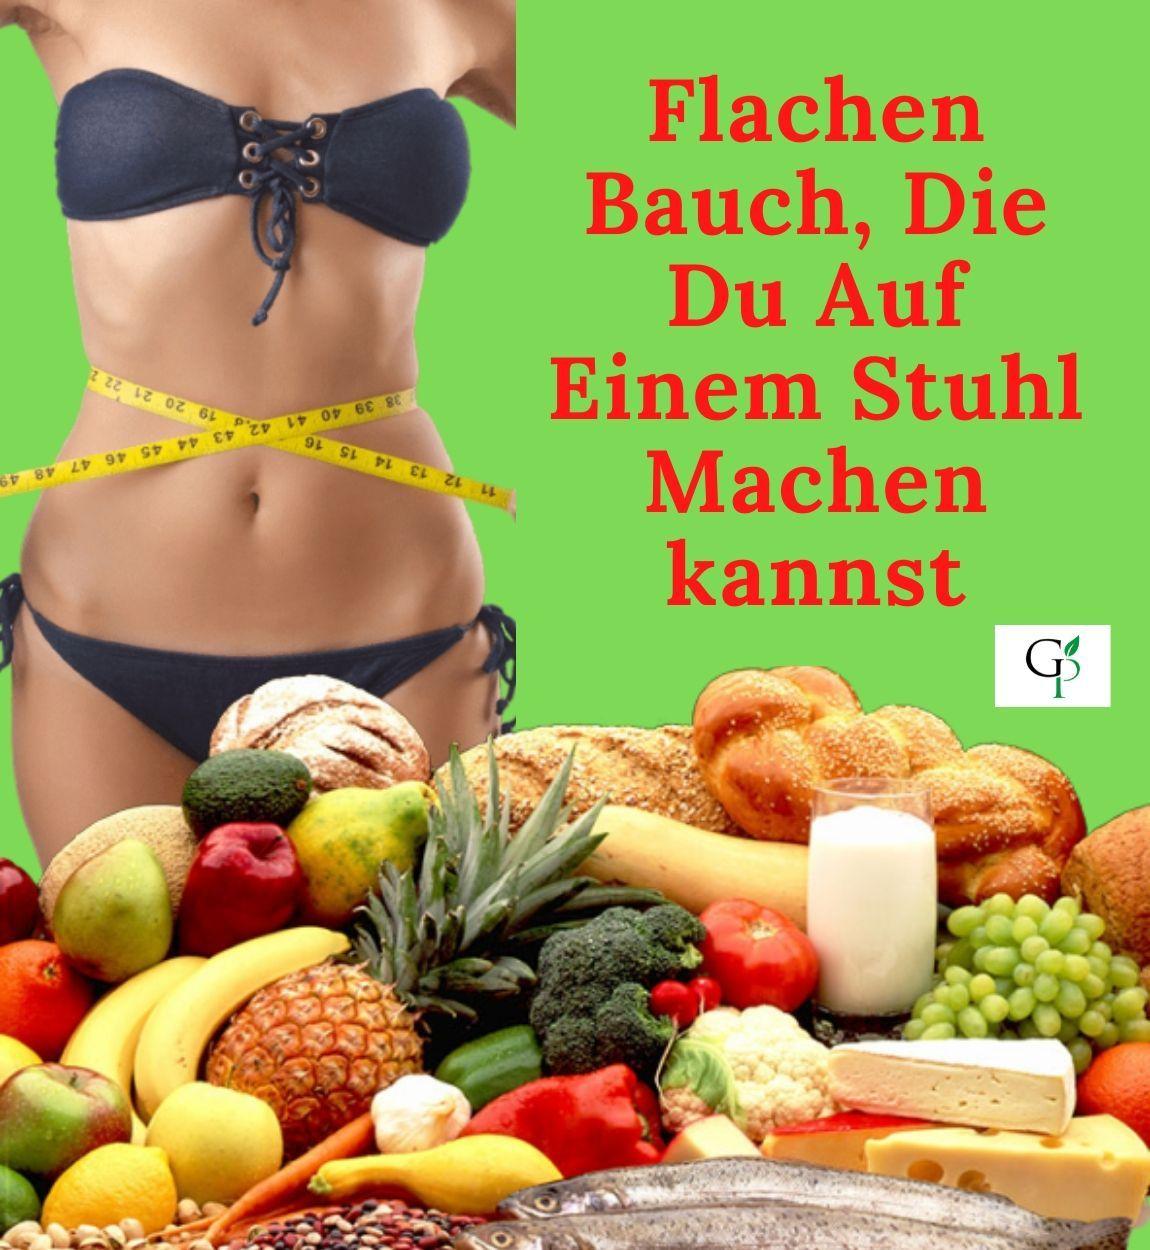 Natürliche Wege, um Bauchgewicht zu verlieren